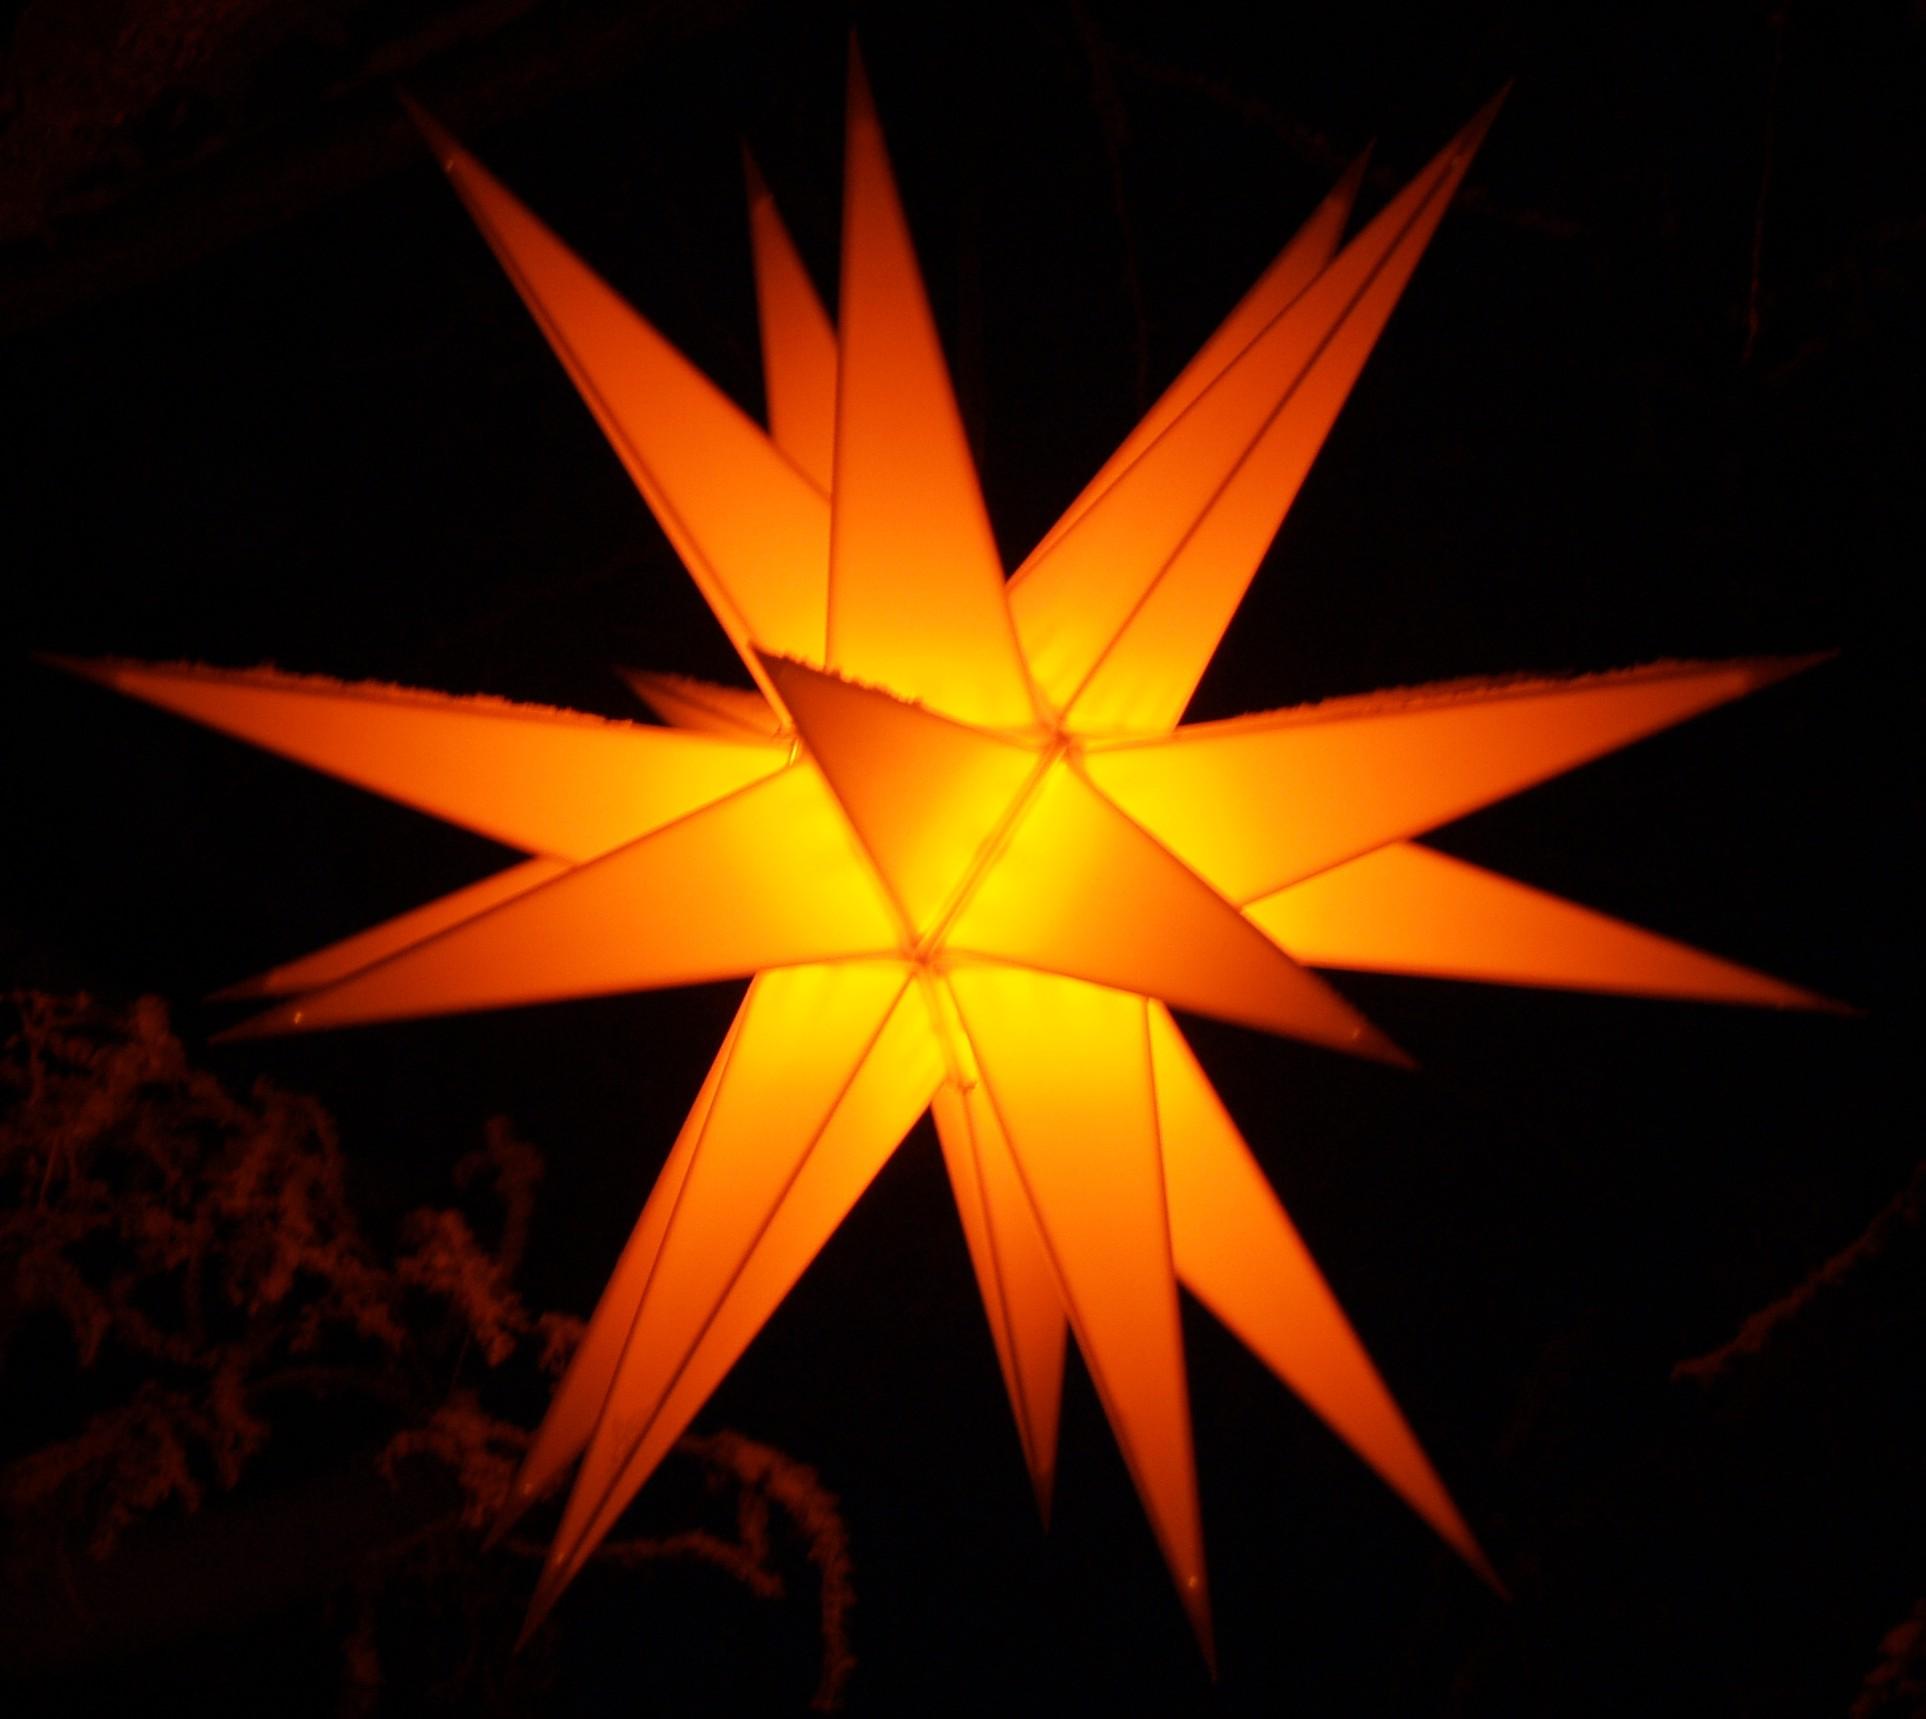 Ministern baltasar gelb f r innen und au en - Stern beleuchtet weihnachten ...